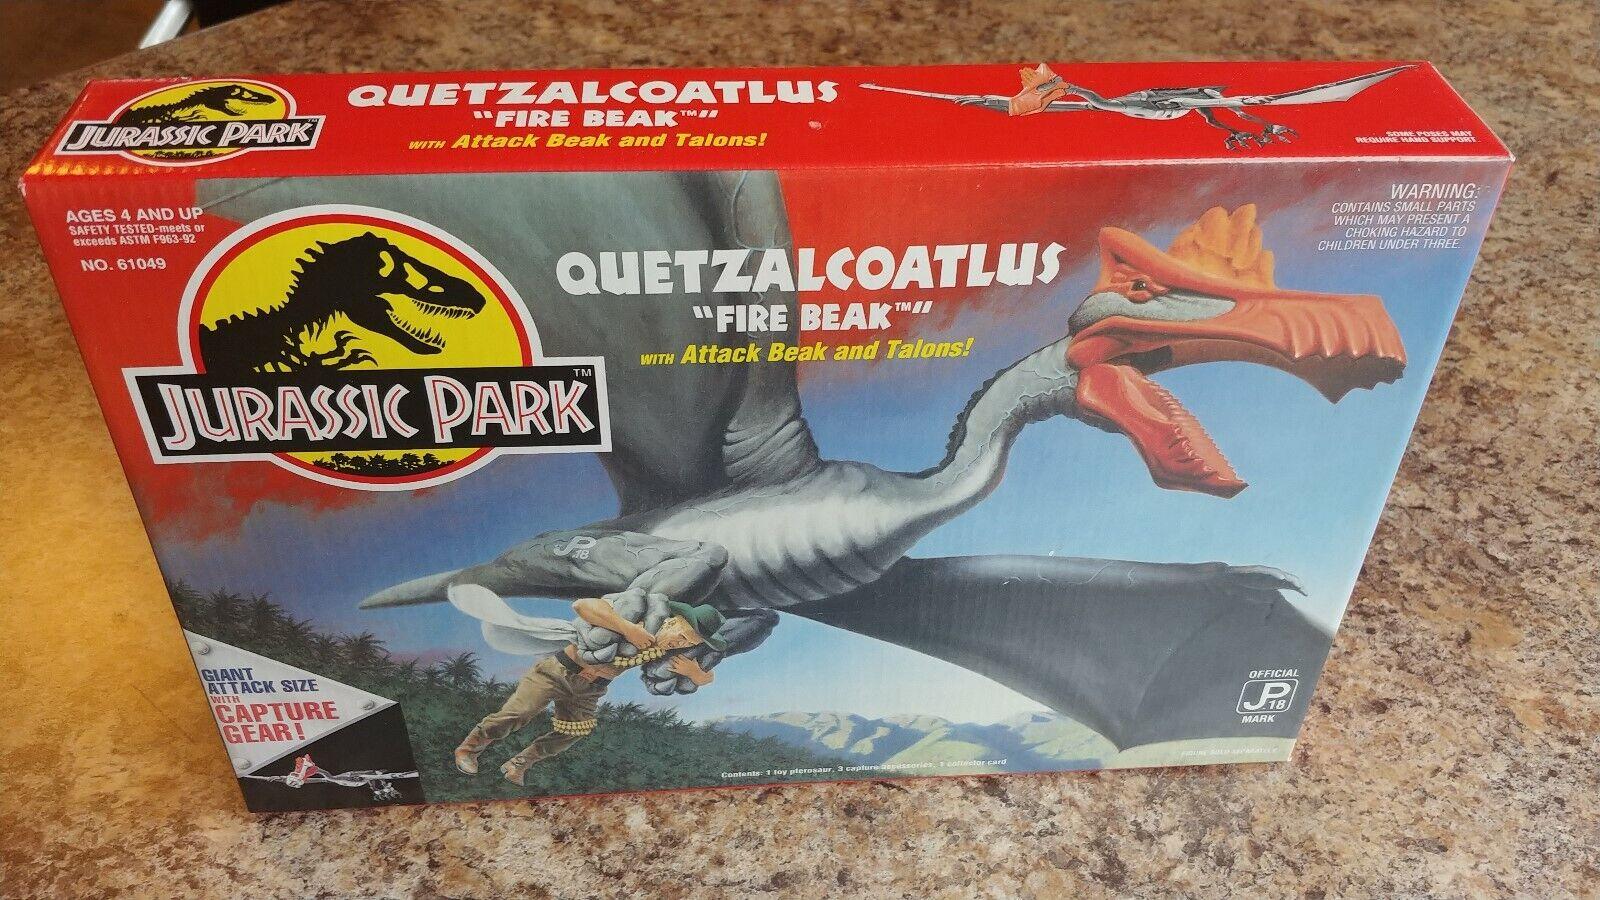 Kenner 1993 Jurassic Park QUETZALCOTLUS, förseglad i låda RARE